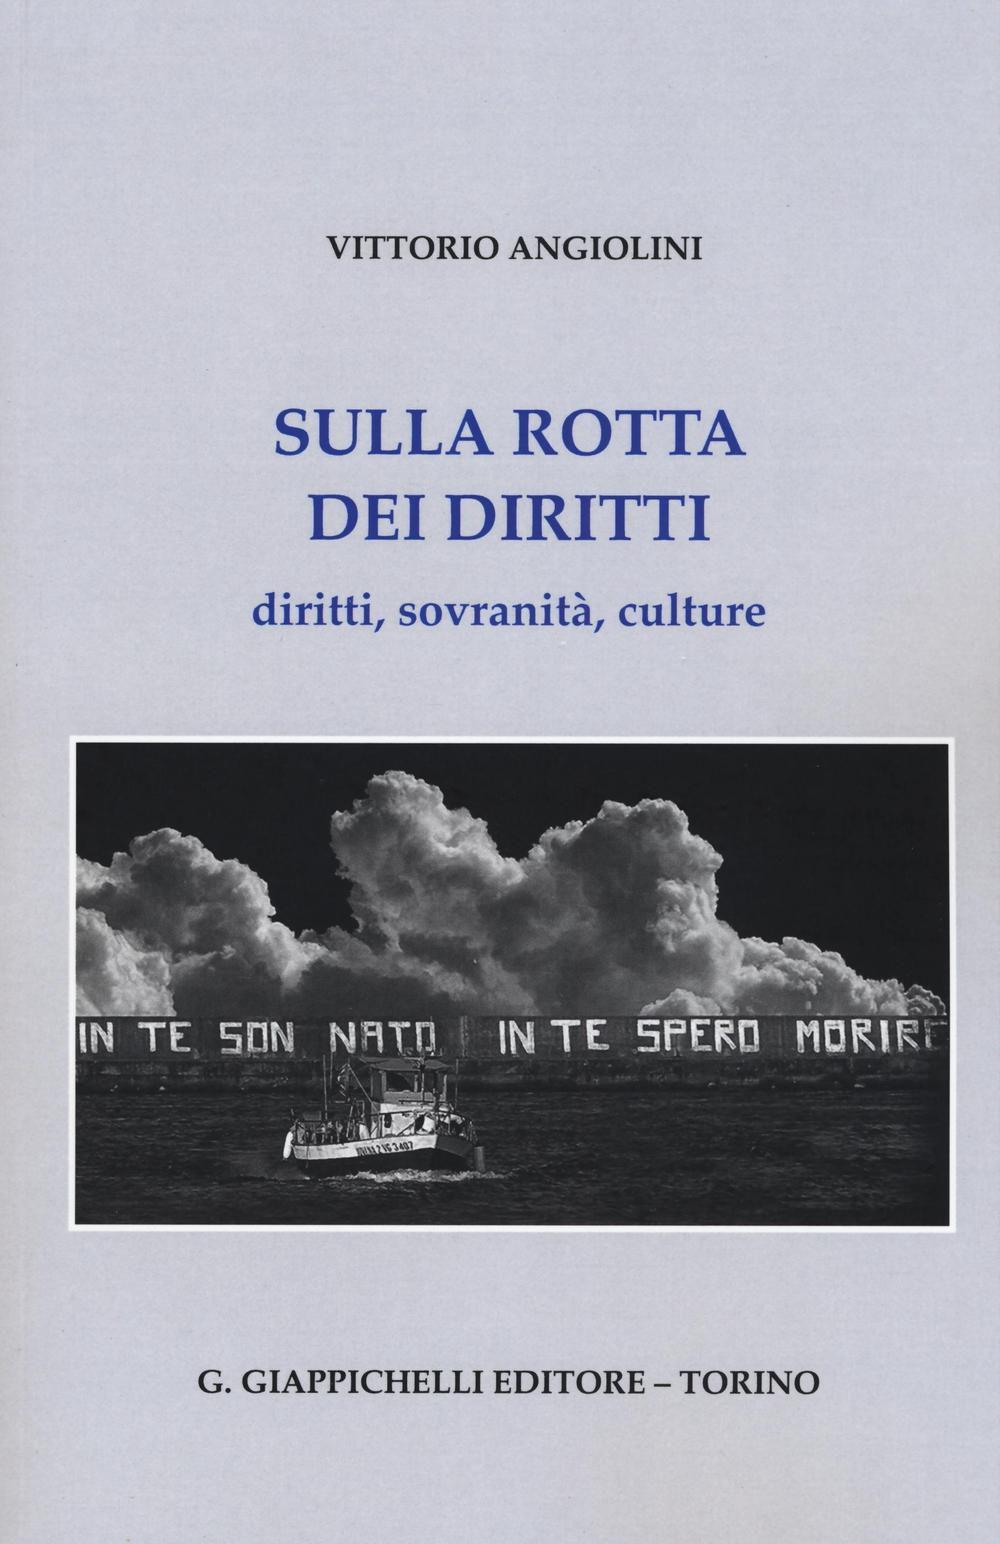 Sulla rotta dei diritti: diritti, sovranità, culture. Vittorio Angiolini